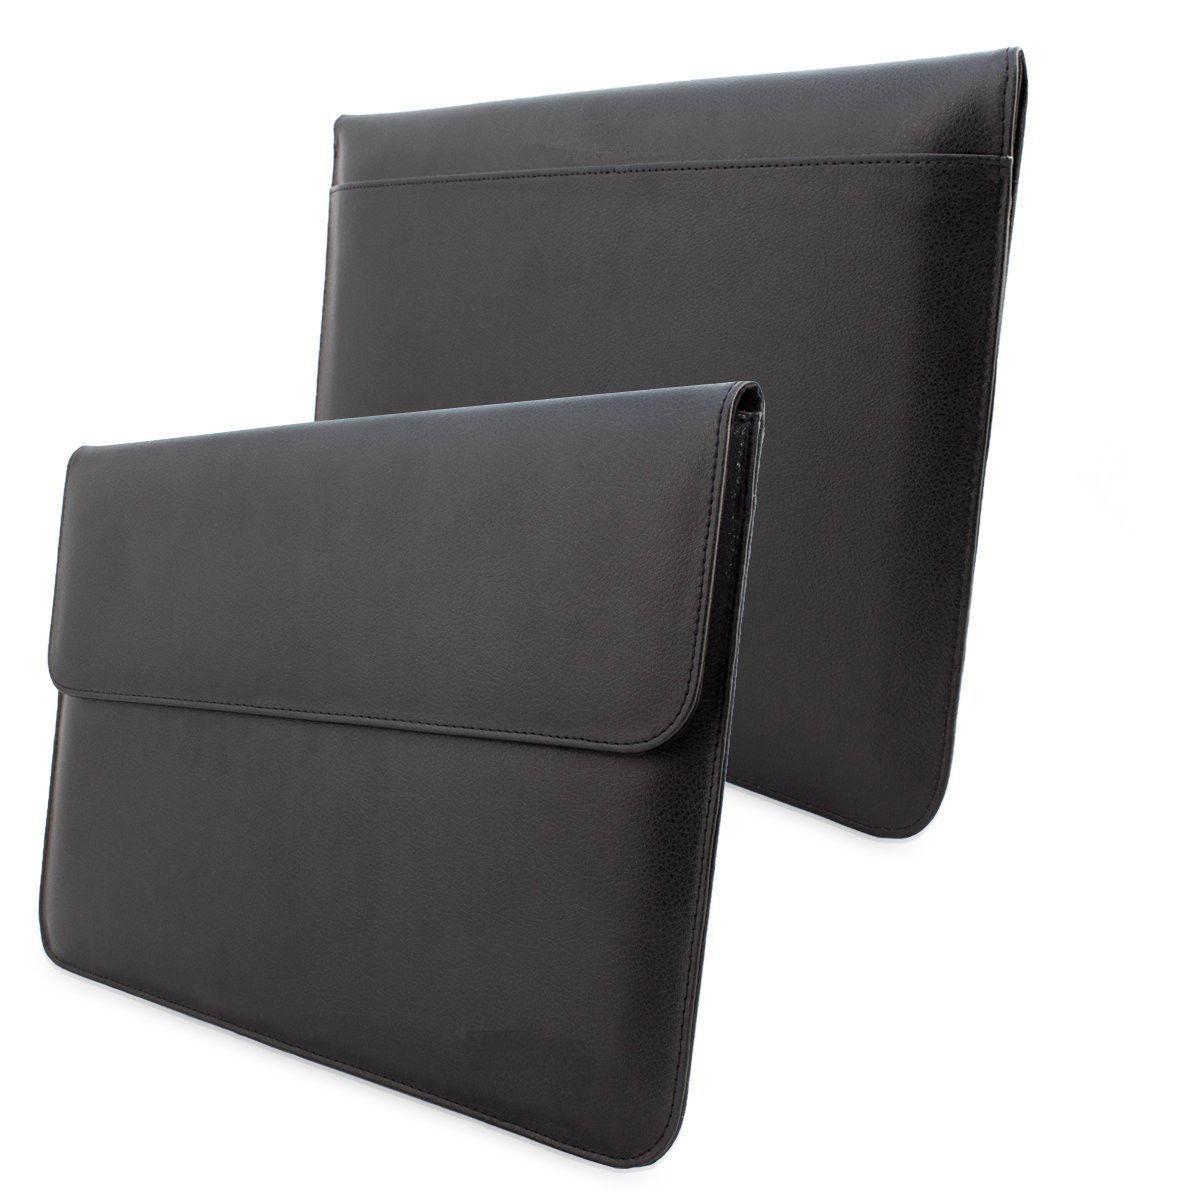 Чехол Grand Эко-кожа для Macbook air.pro 13 черный (AL542)